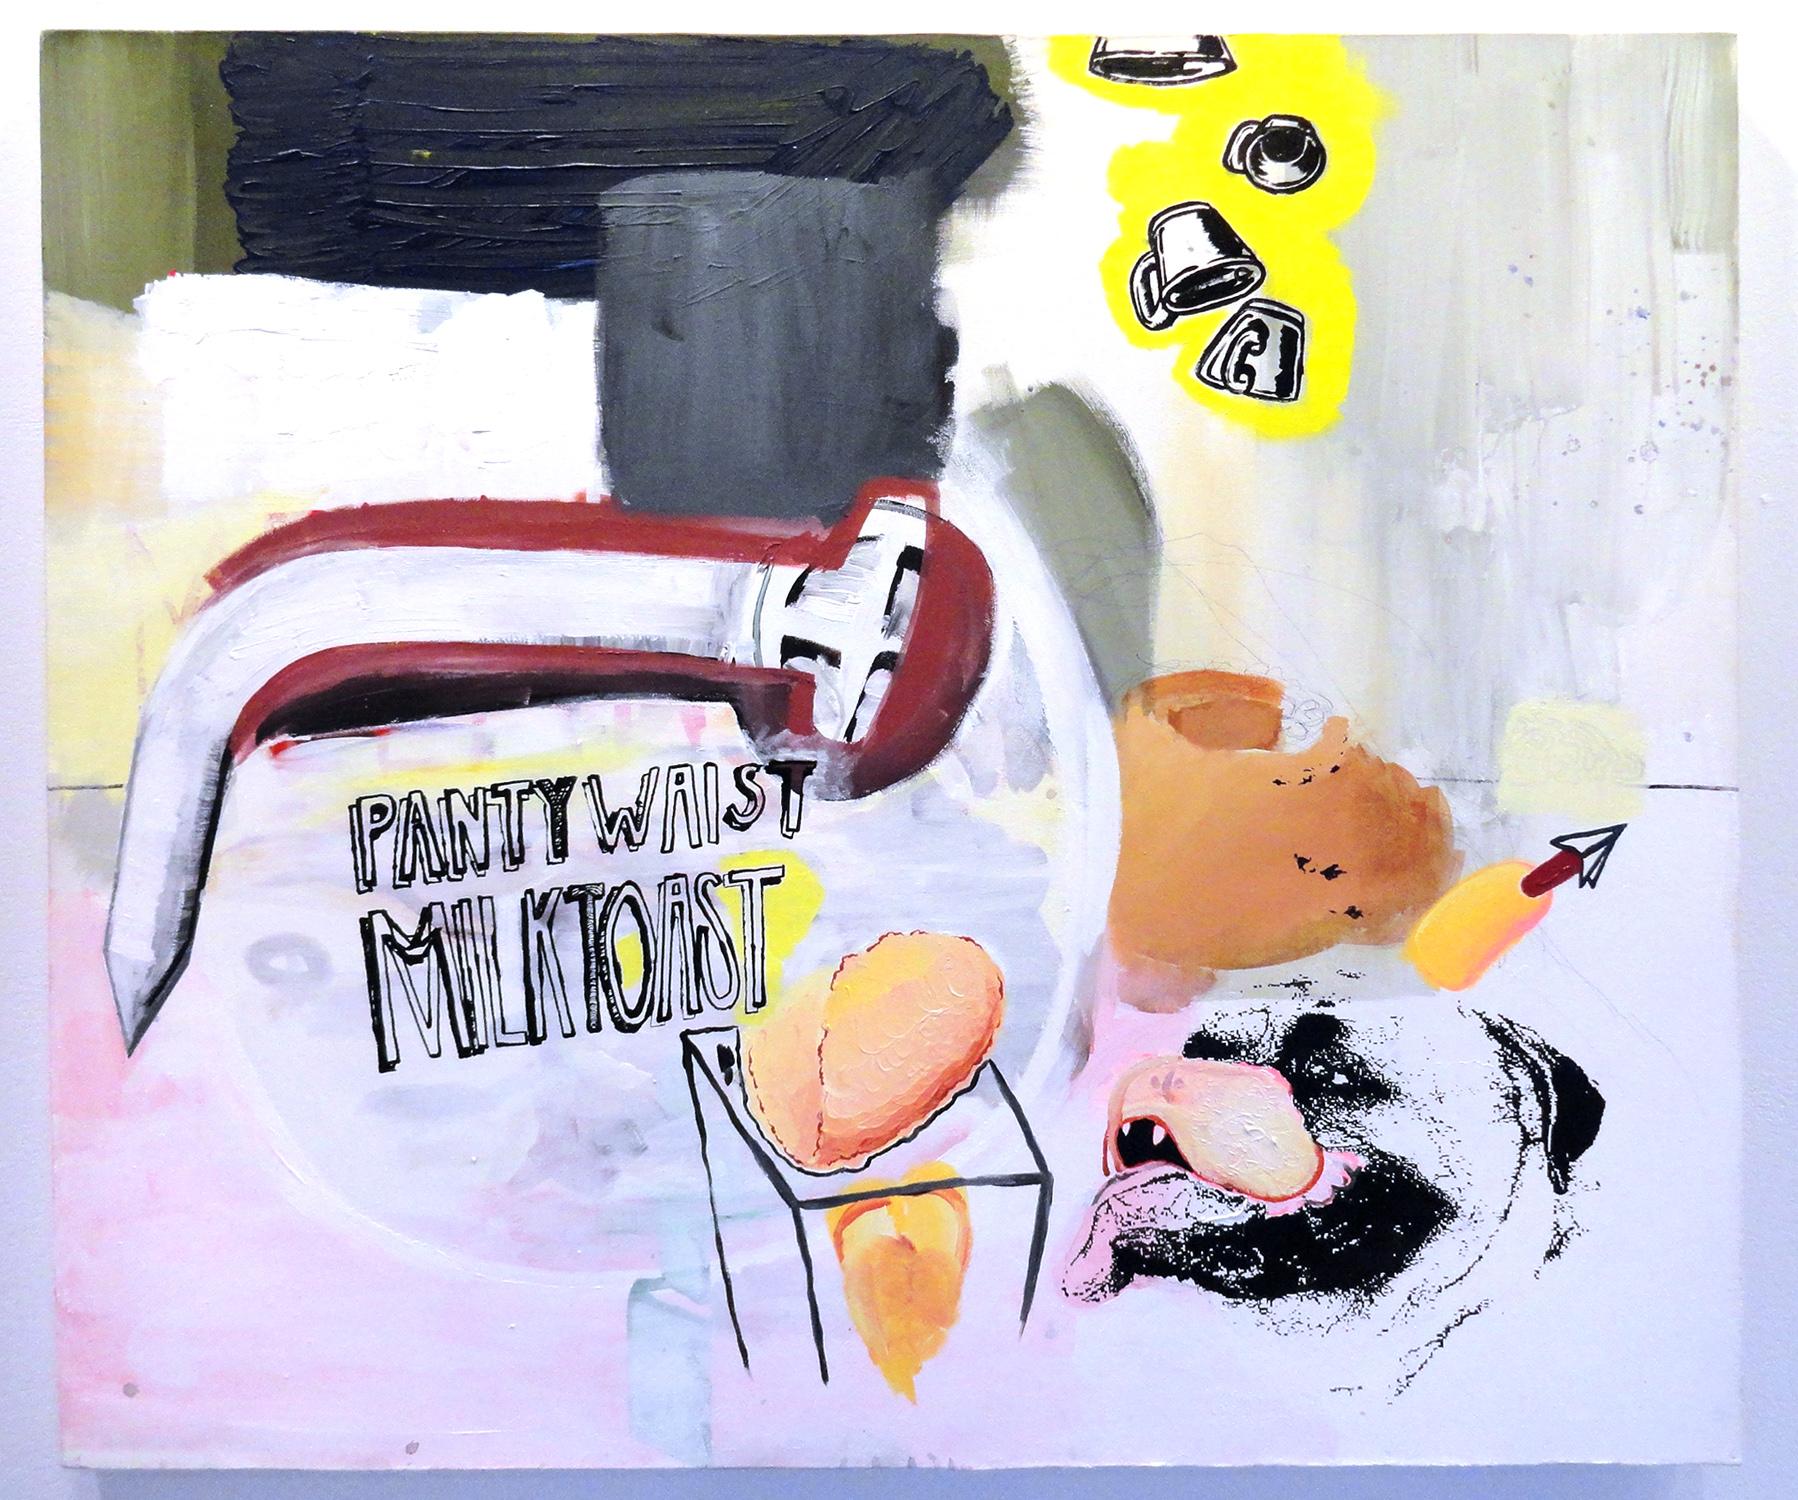 Daniel Kurt, Pantywaist Milktoast, 2010